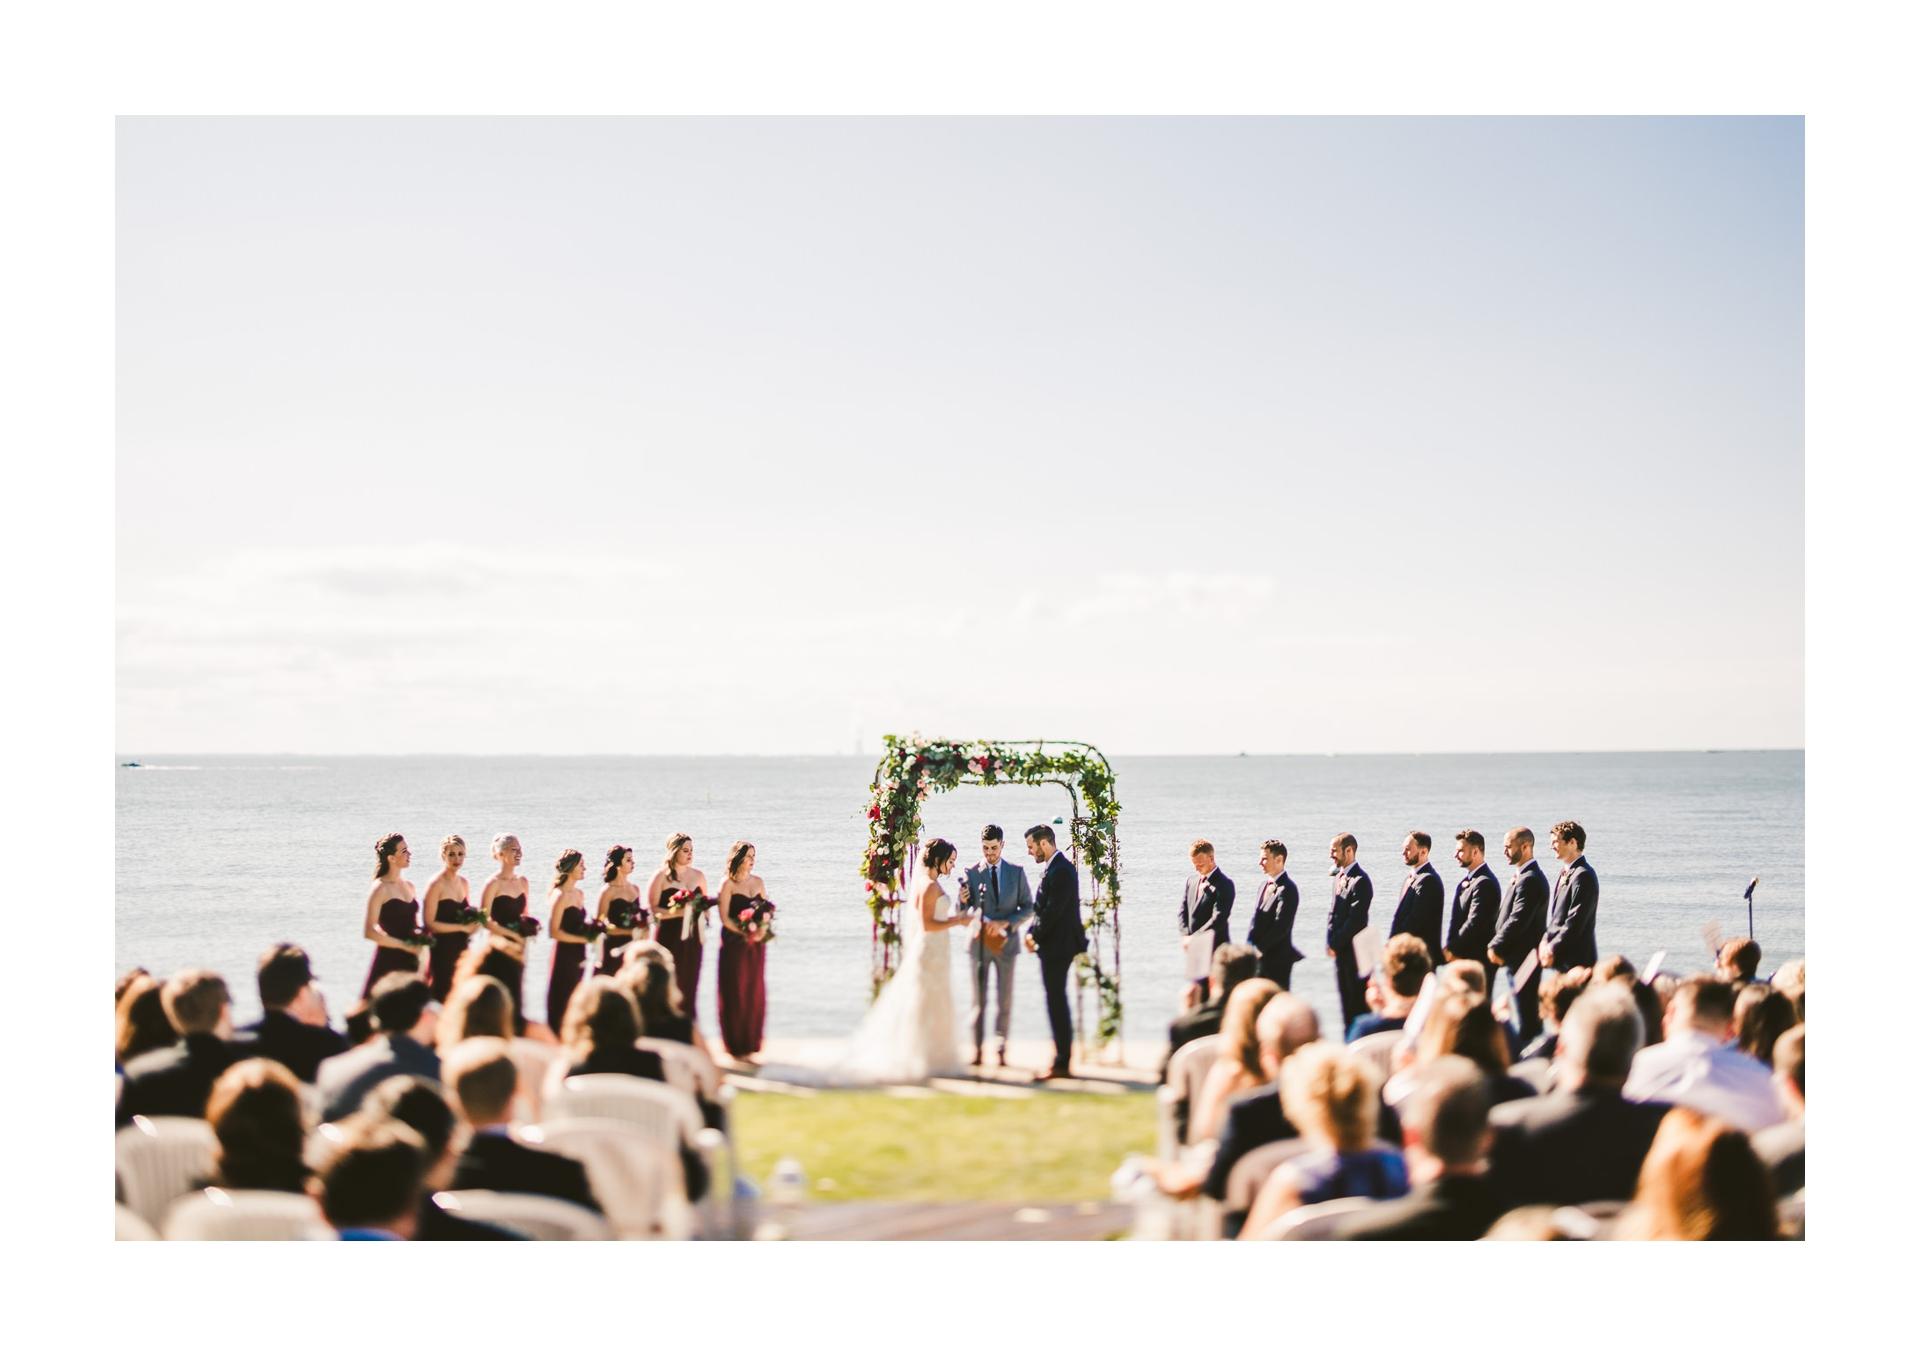 Catawba Island Club Wedding Photographer in Port Clinton 63.jpg